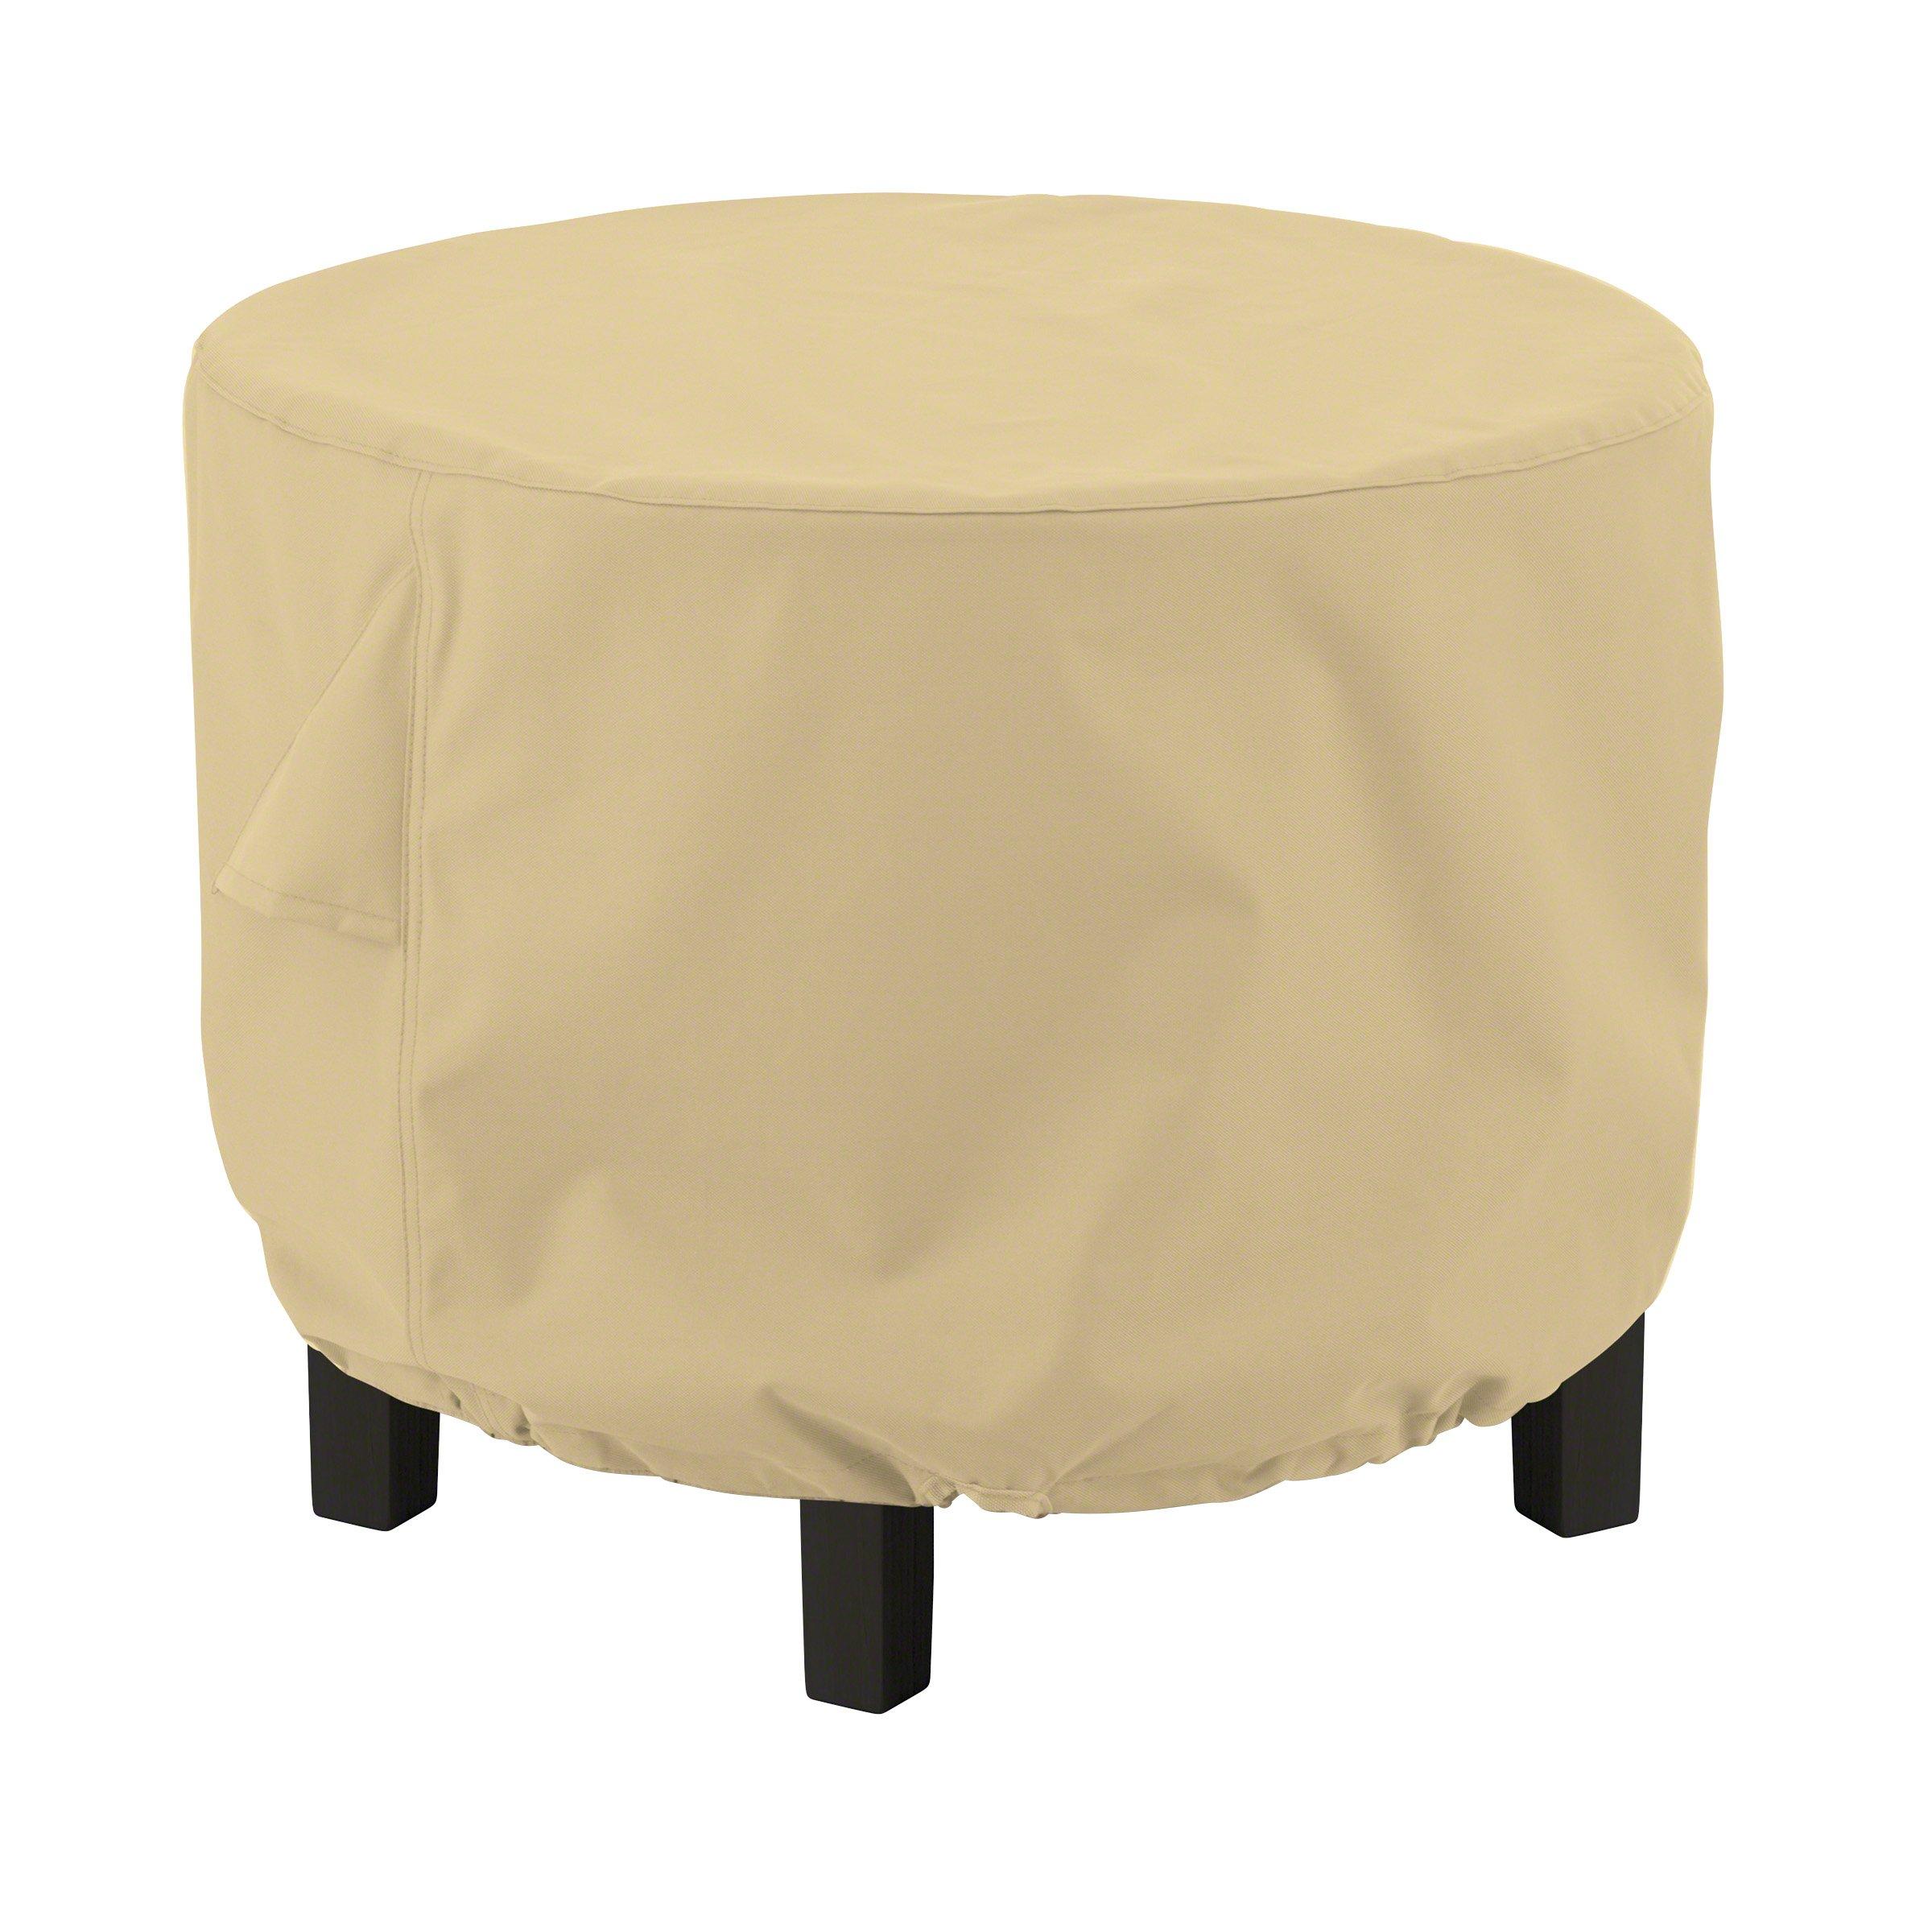 Classic Accessories 55-911-032001-EC Terrazzo Round Ottoman/Coffee Table Cover, Medium